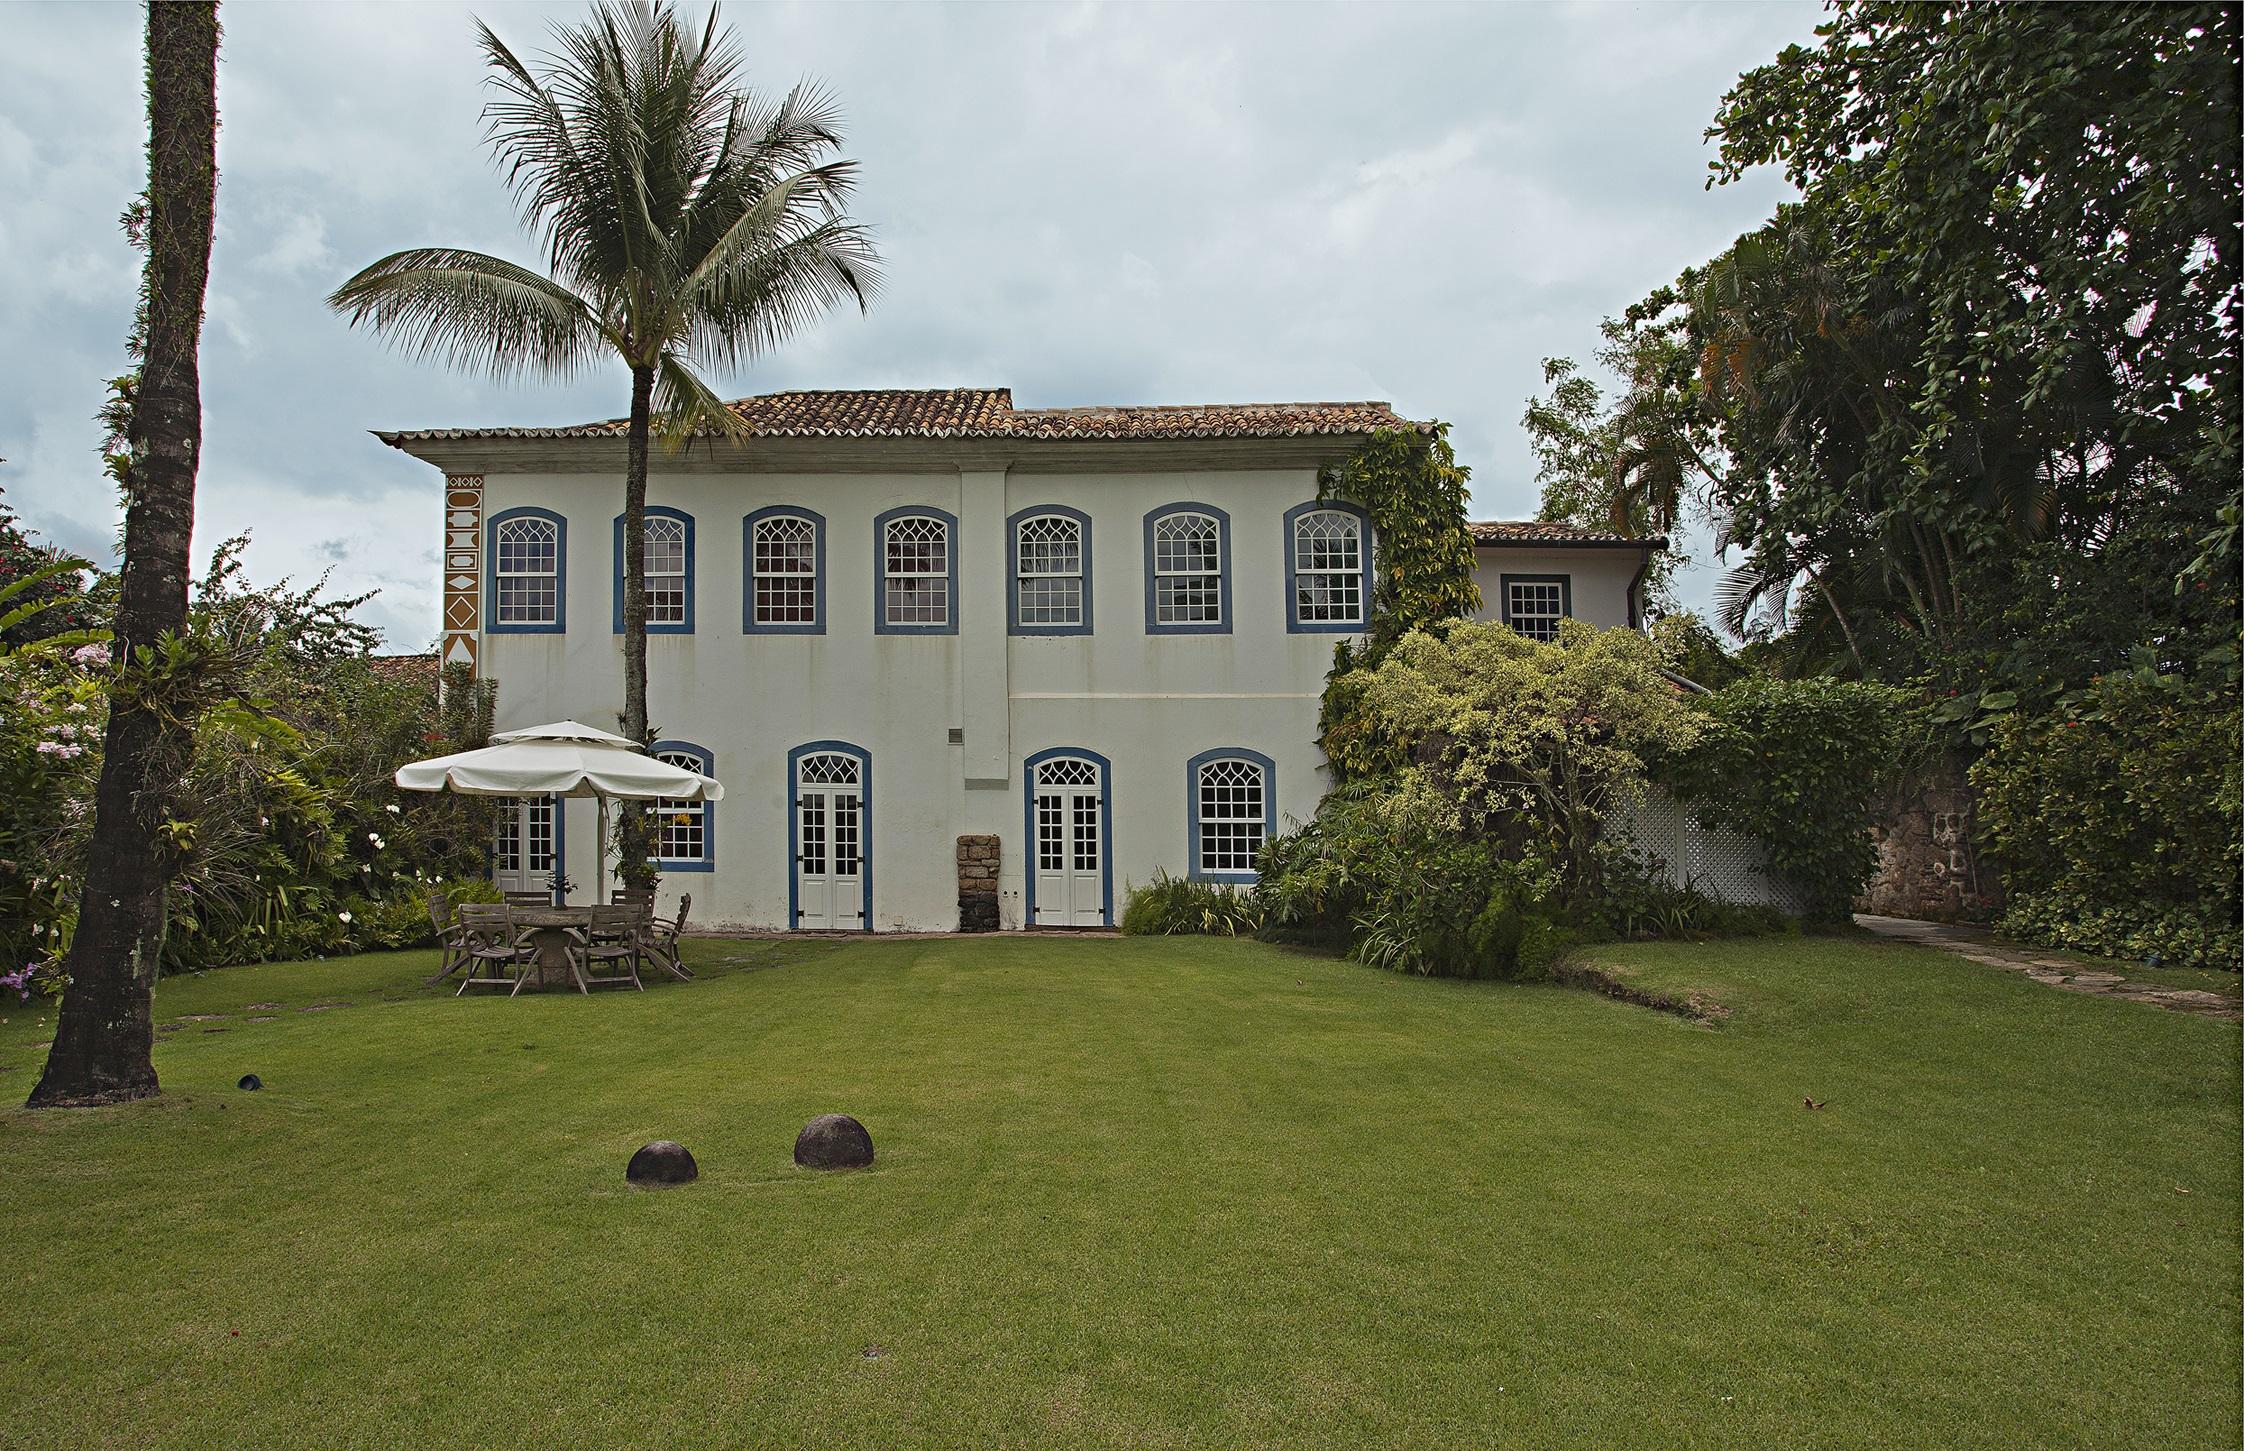 一戸建て のために 売買 アット Historic Residence Rua Doutor Pereira Paraty, リオデジャネイロ, 23970000 ブラジル